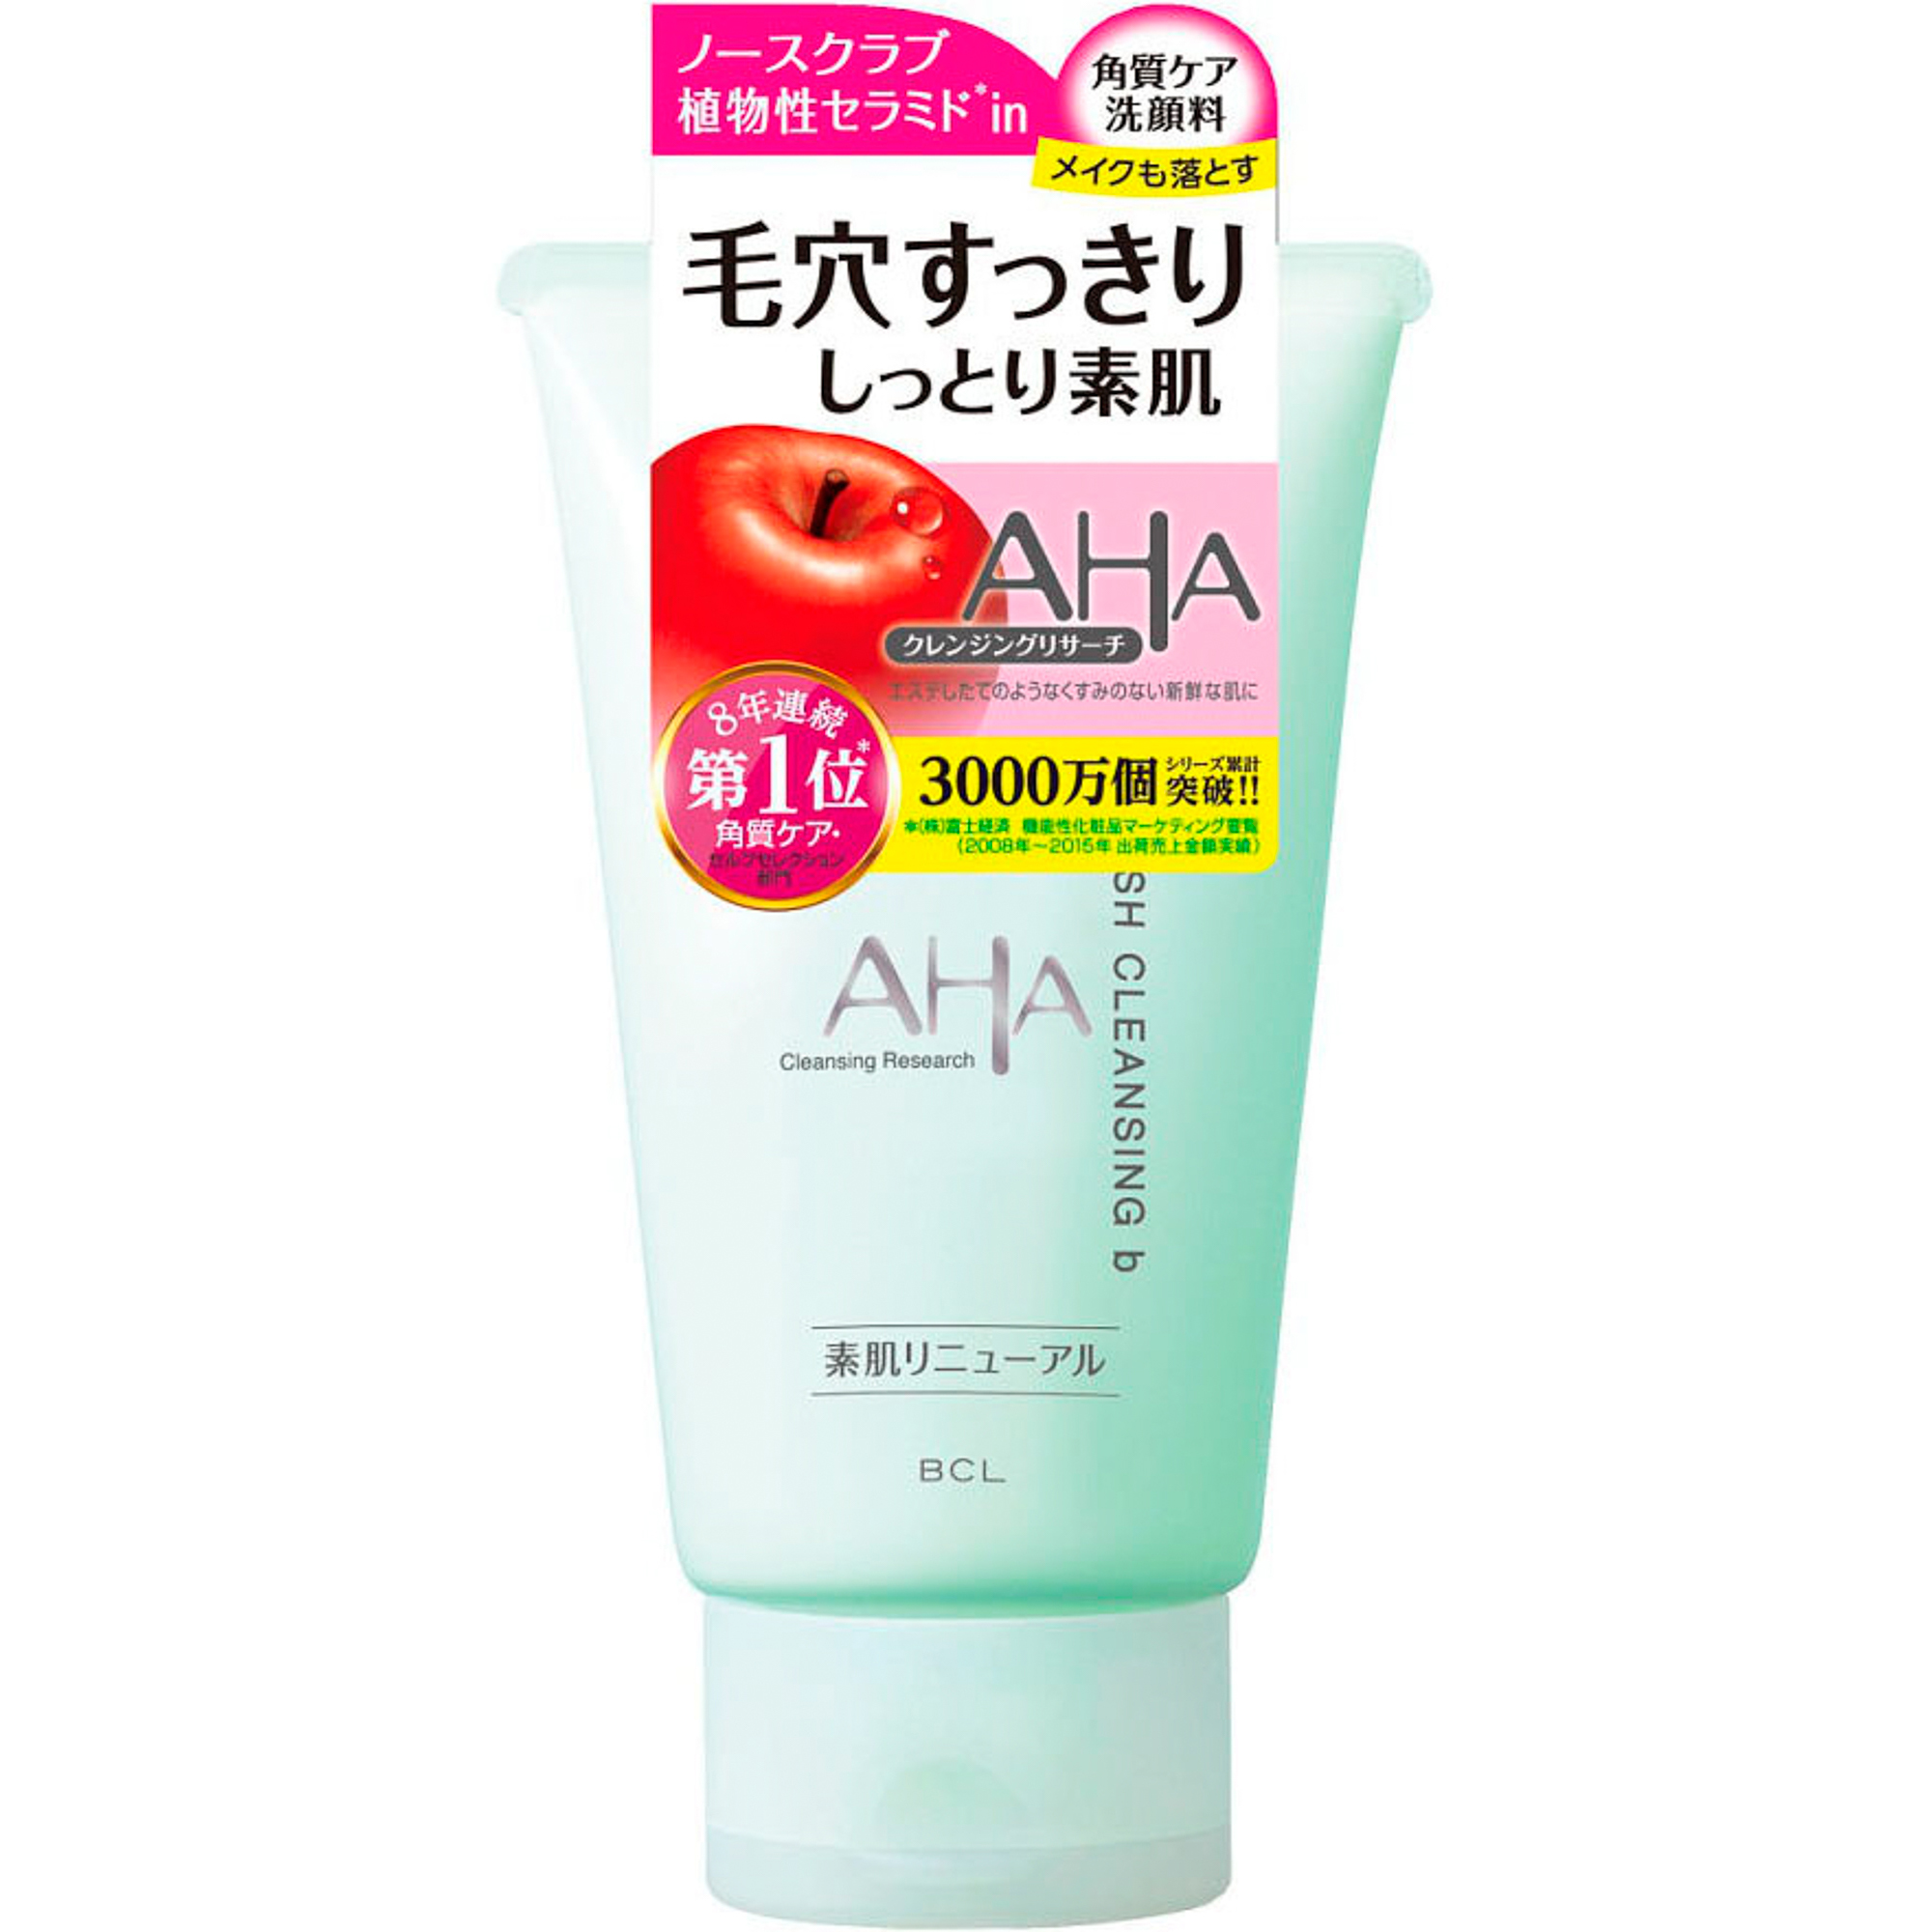 Пенка для лица очищающая с фруктовыми кислотами AHA Sensitive Cleansing Research, 120 г недорого